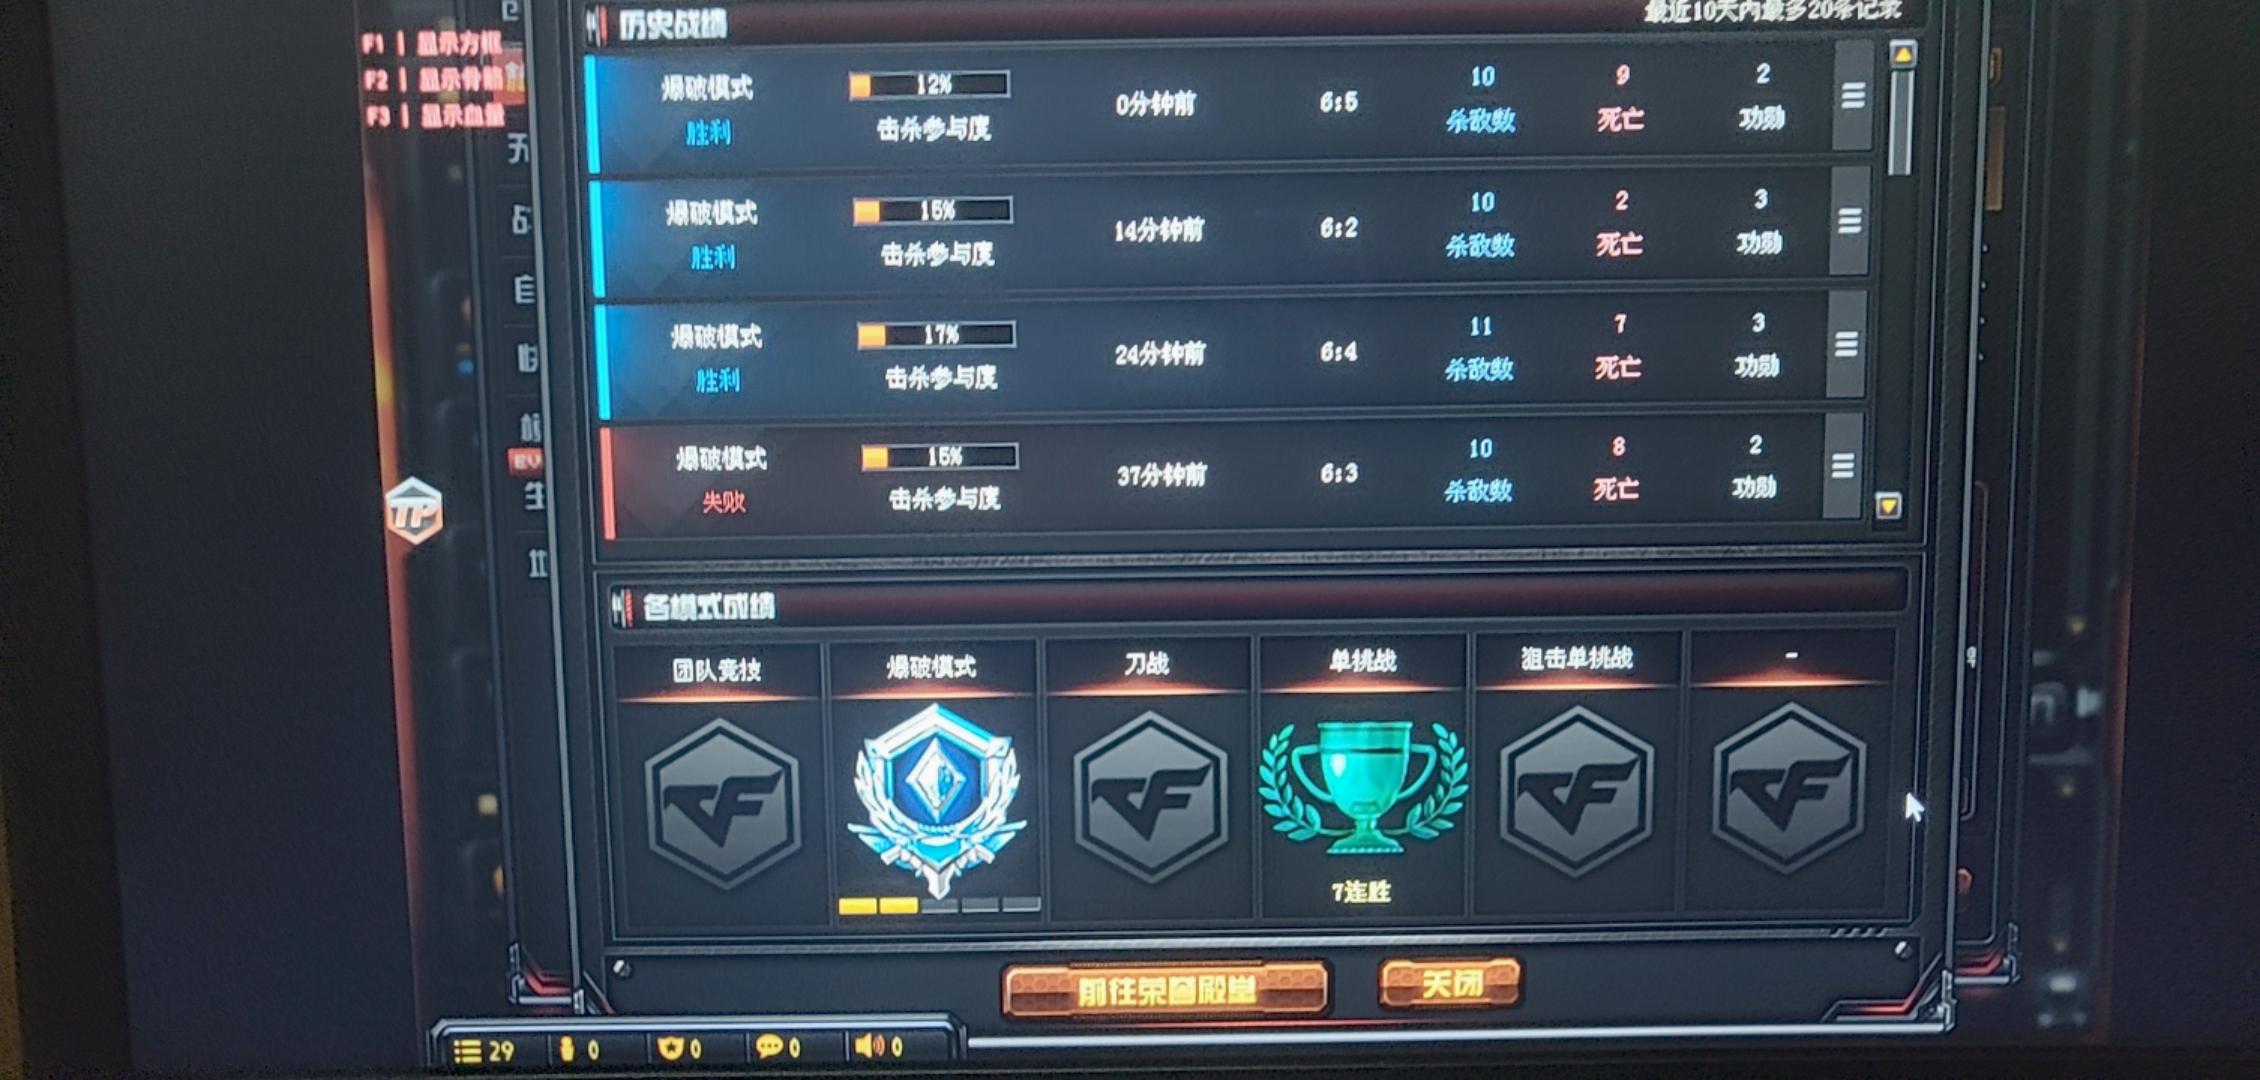 乾坤软游辅助论坛:【CF无名】0801更新,恢复更新|主打稳定